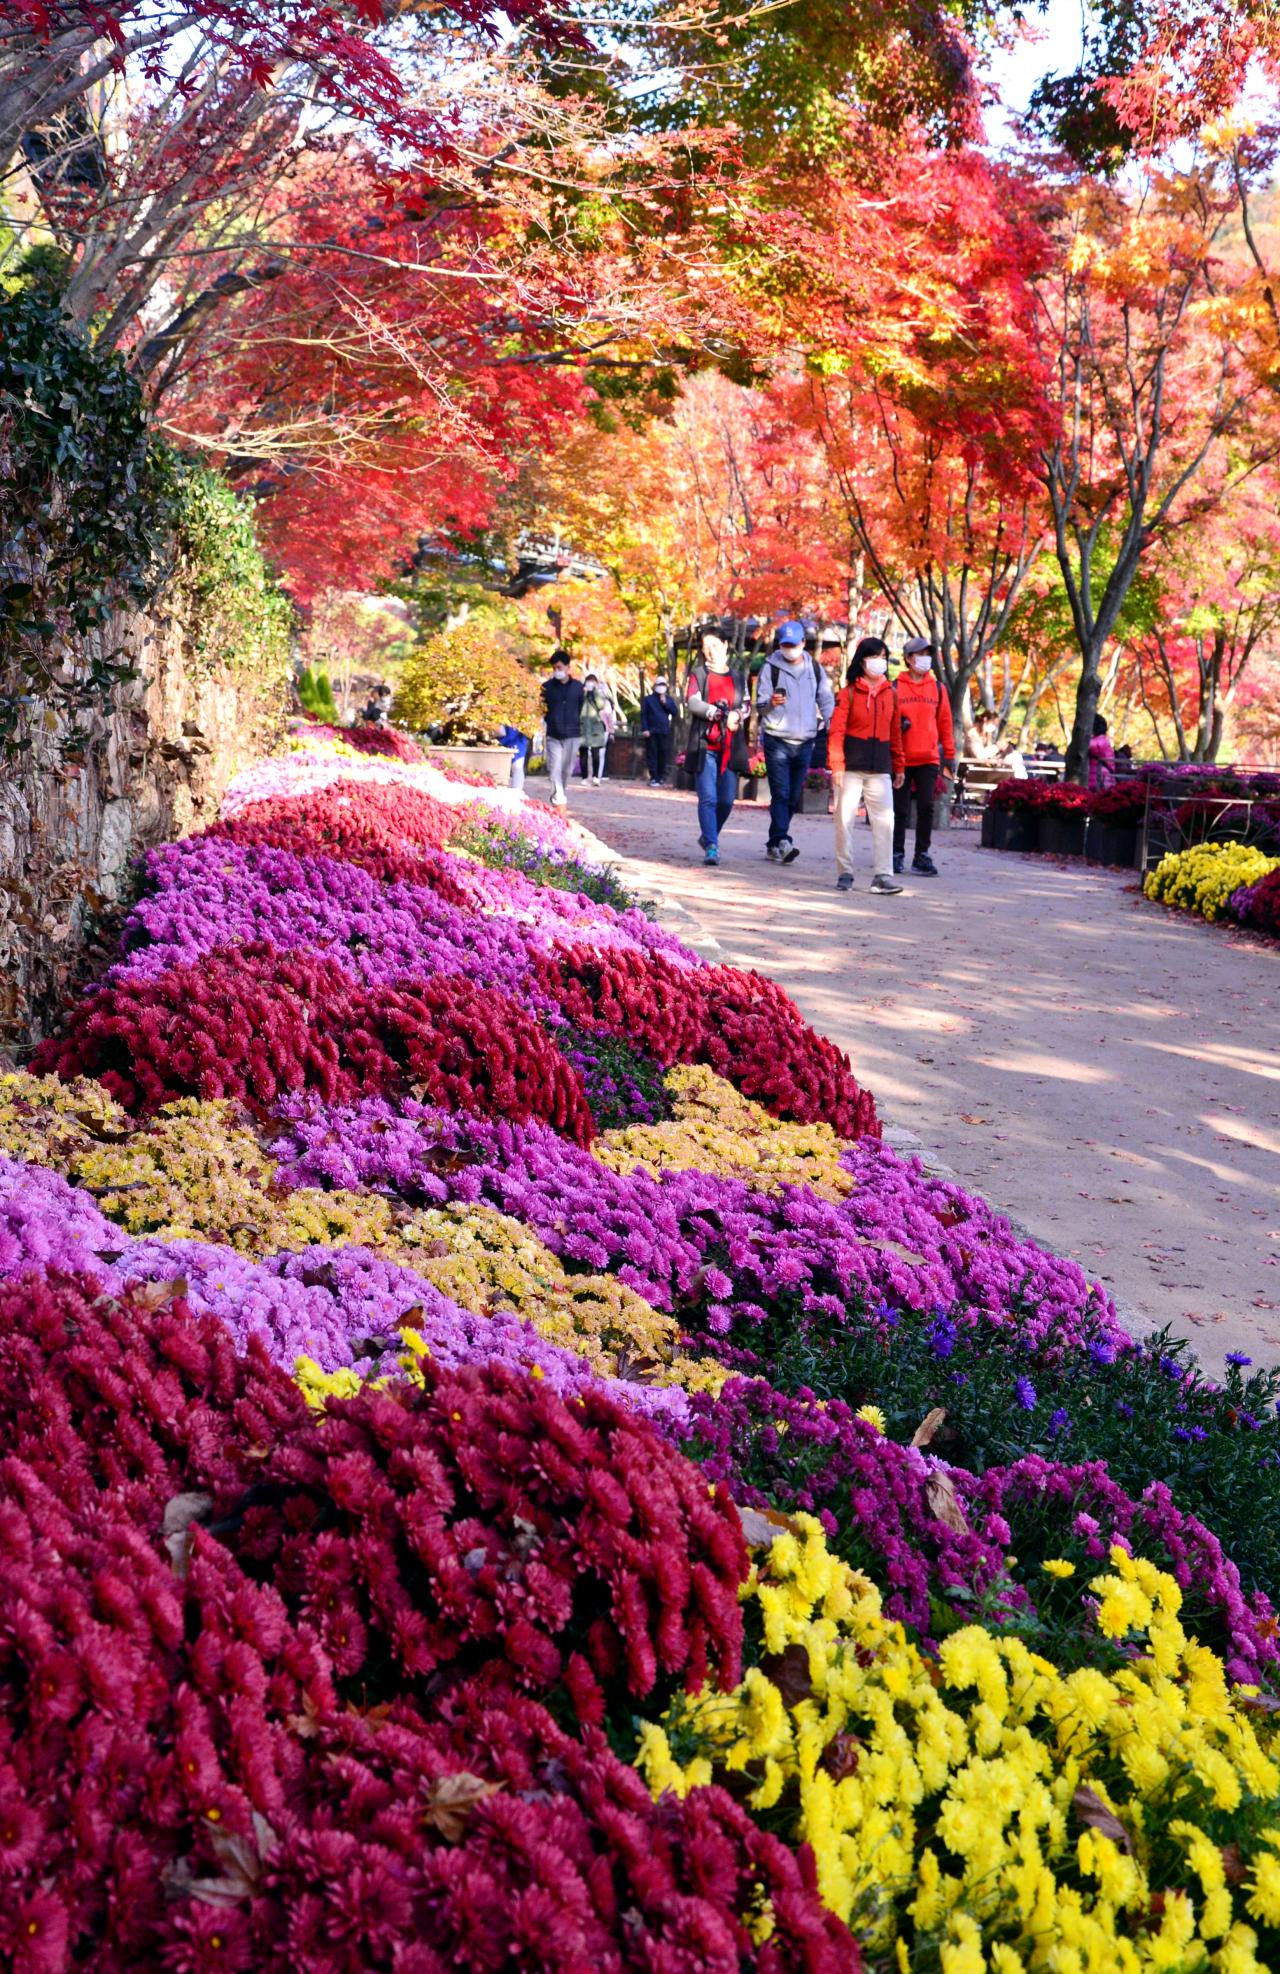 Conheça O Jardim Botânico De Hwadam, Um Paraíso De Cores